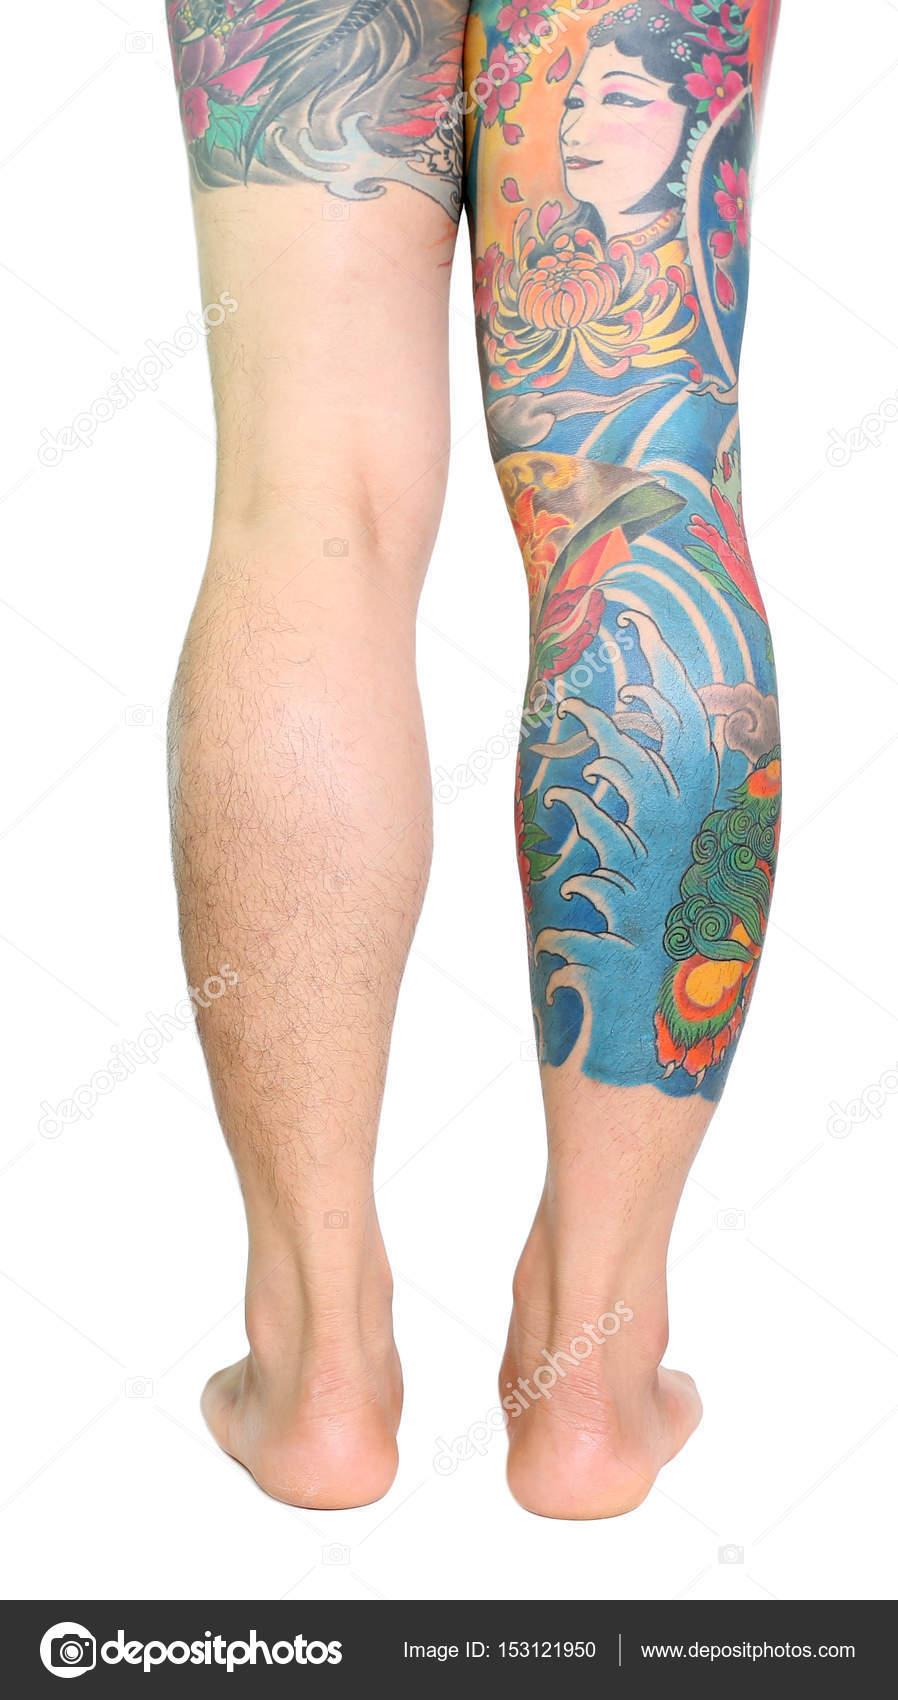 tatouage de style japonais complet oriental sur la jambe de l'homme